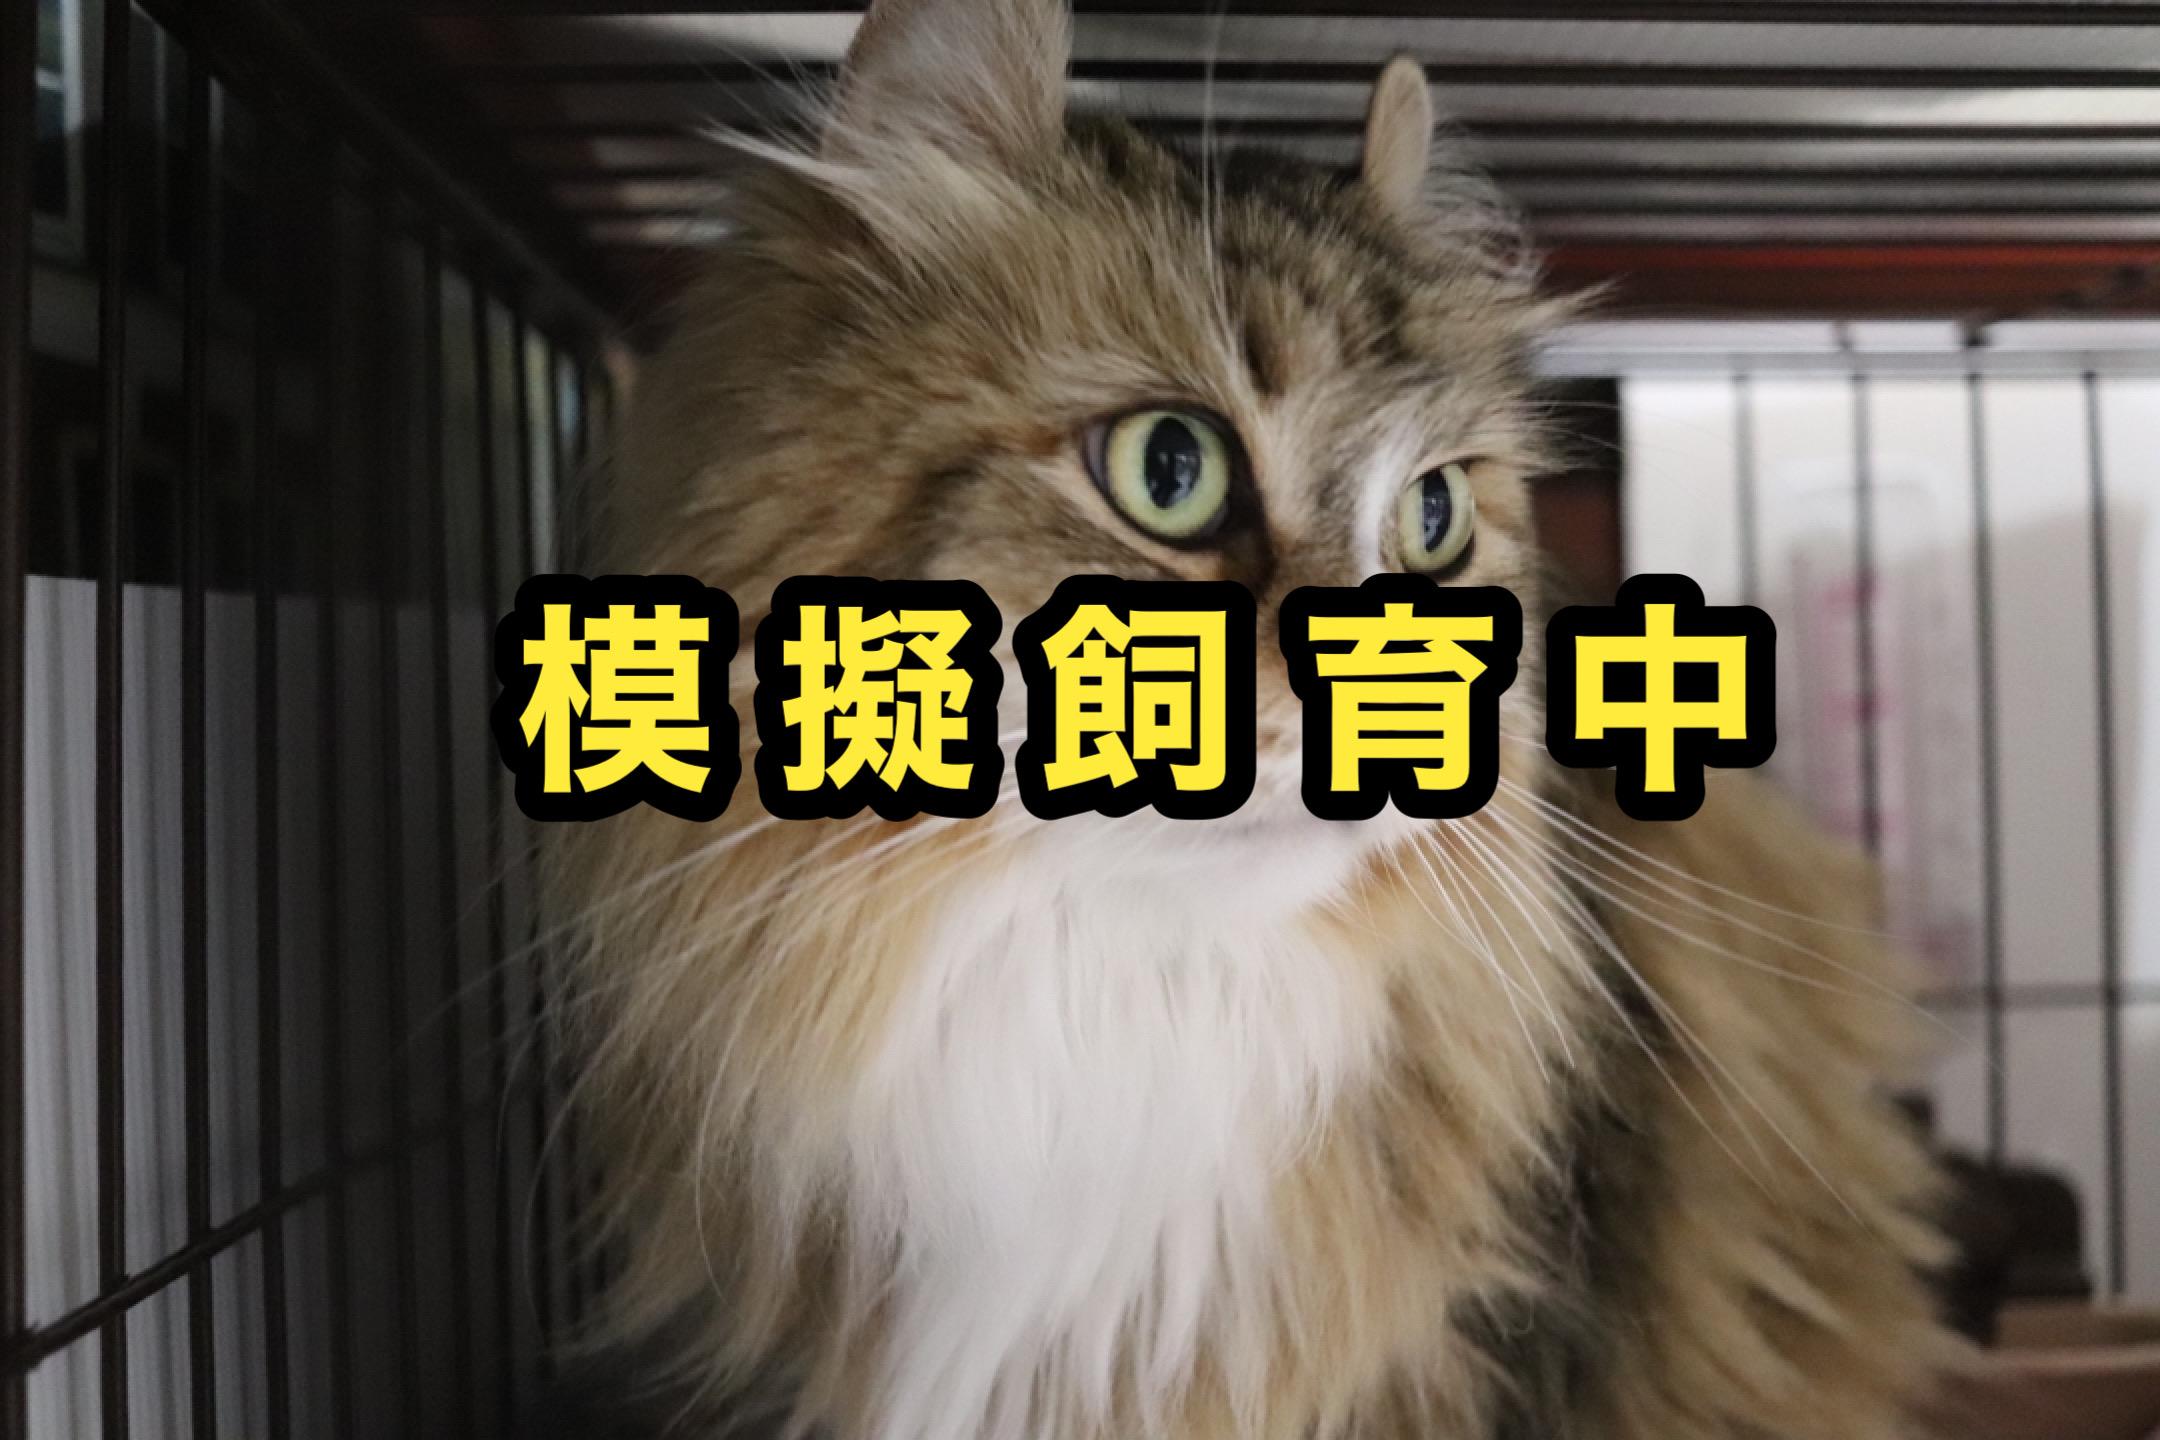 <ul> <li>猫種:アメリカンカール</li> <li>性別:女の子</li> <li>名前:びく</li> <li>年齢:2010年9月生まれ</li> <li>保護経緯:離婚のため飼育困難</li> </ul>